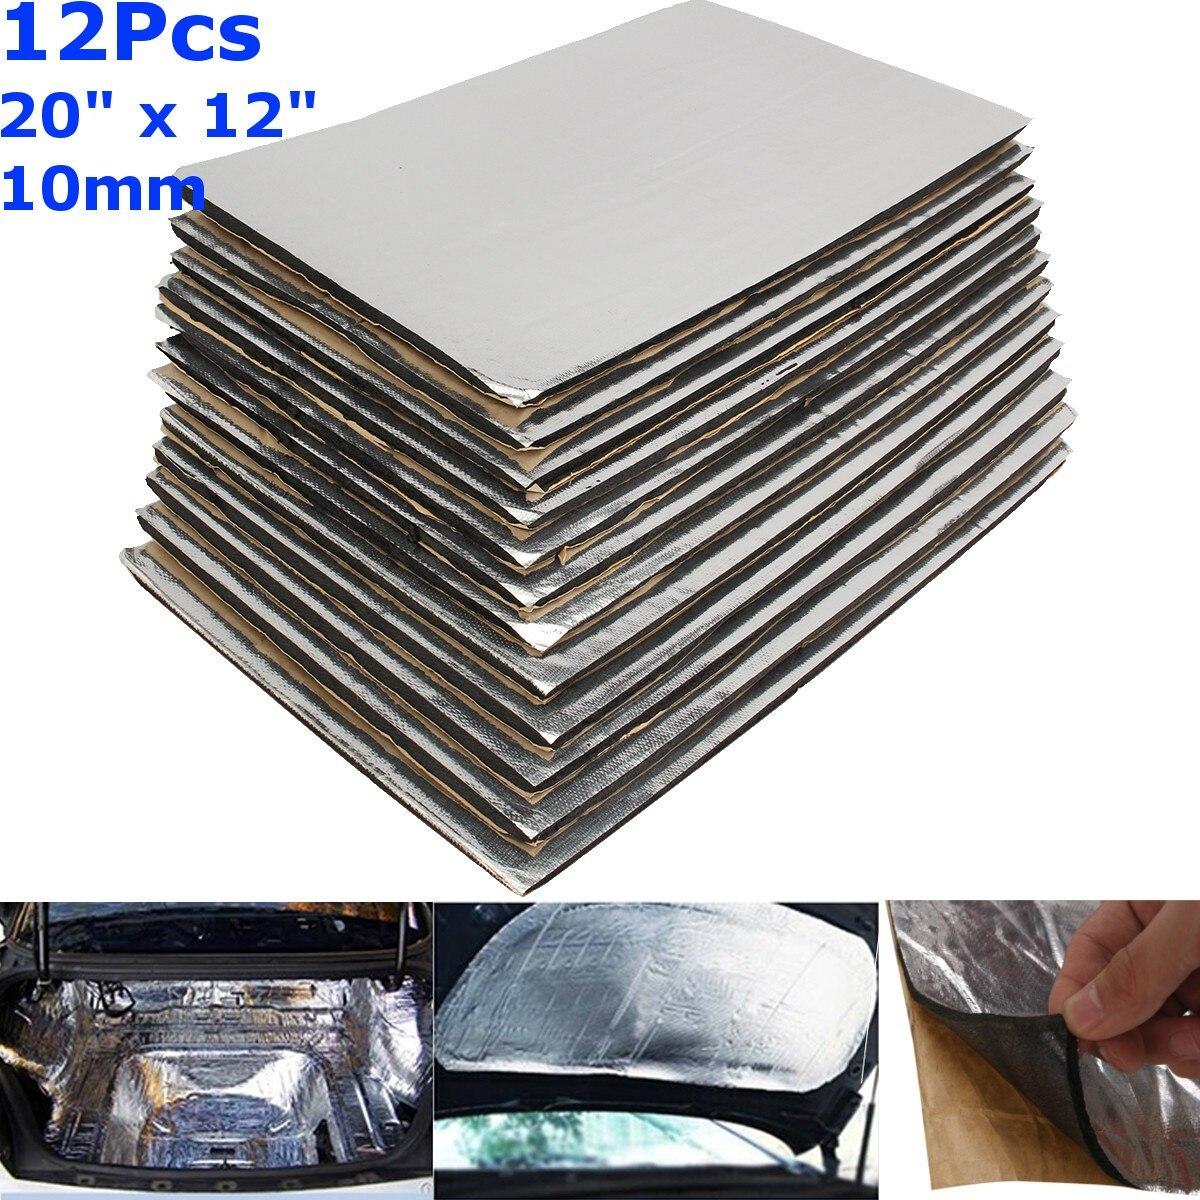 9 pces/12 pces 10mm 8mm 6mm esteira sadia do carro que prova deadener isolamento de ruído de calor que deadening a capa da esteira fechou a espuma 50x30cm da pilha